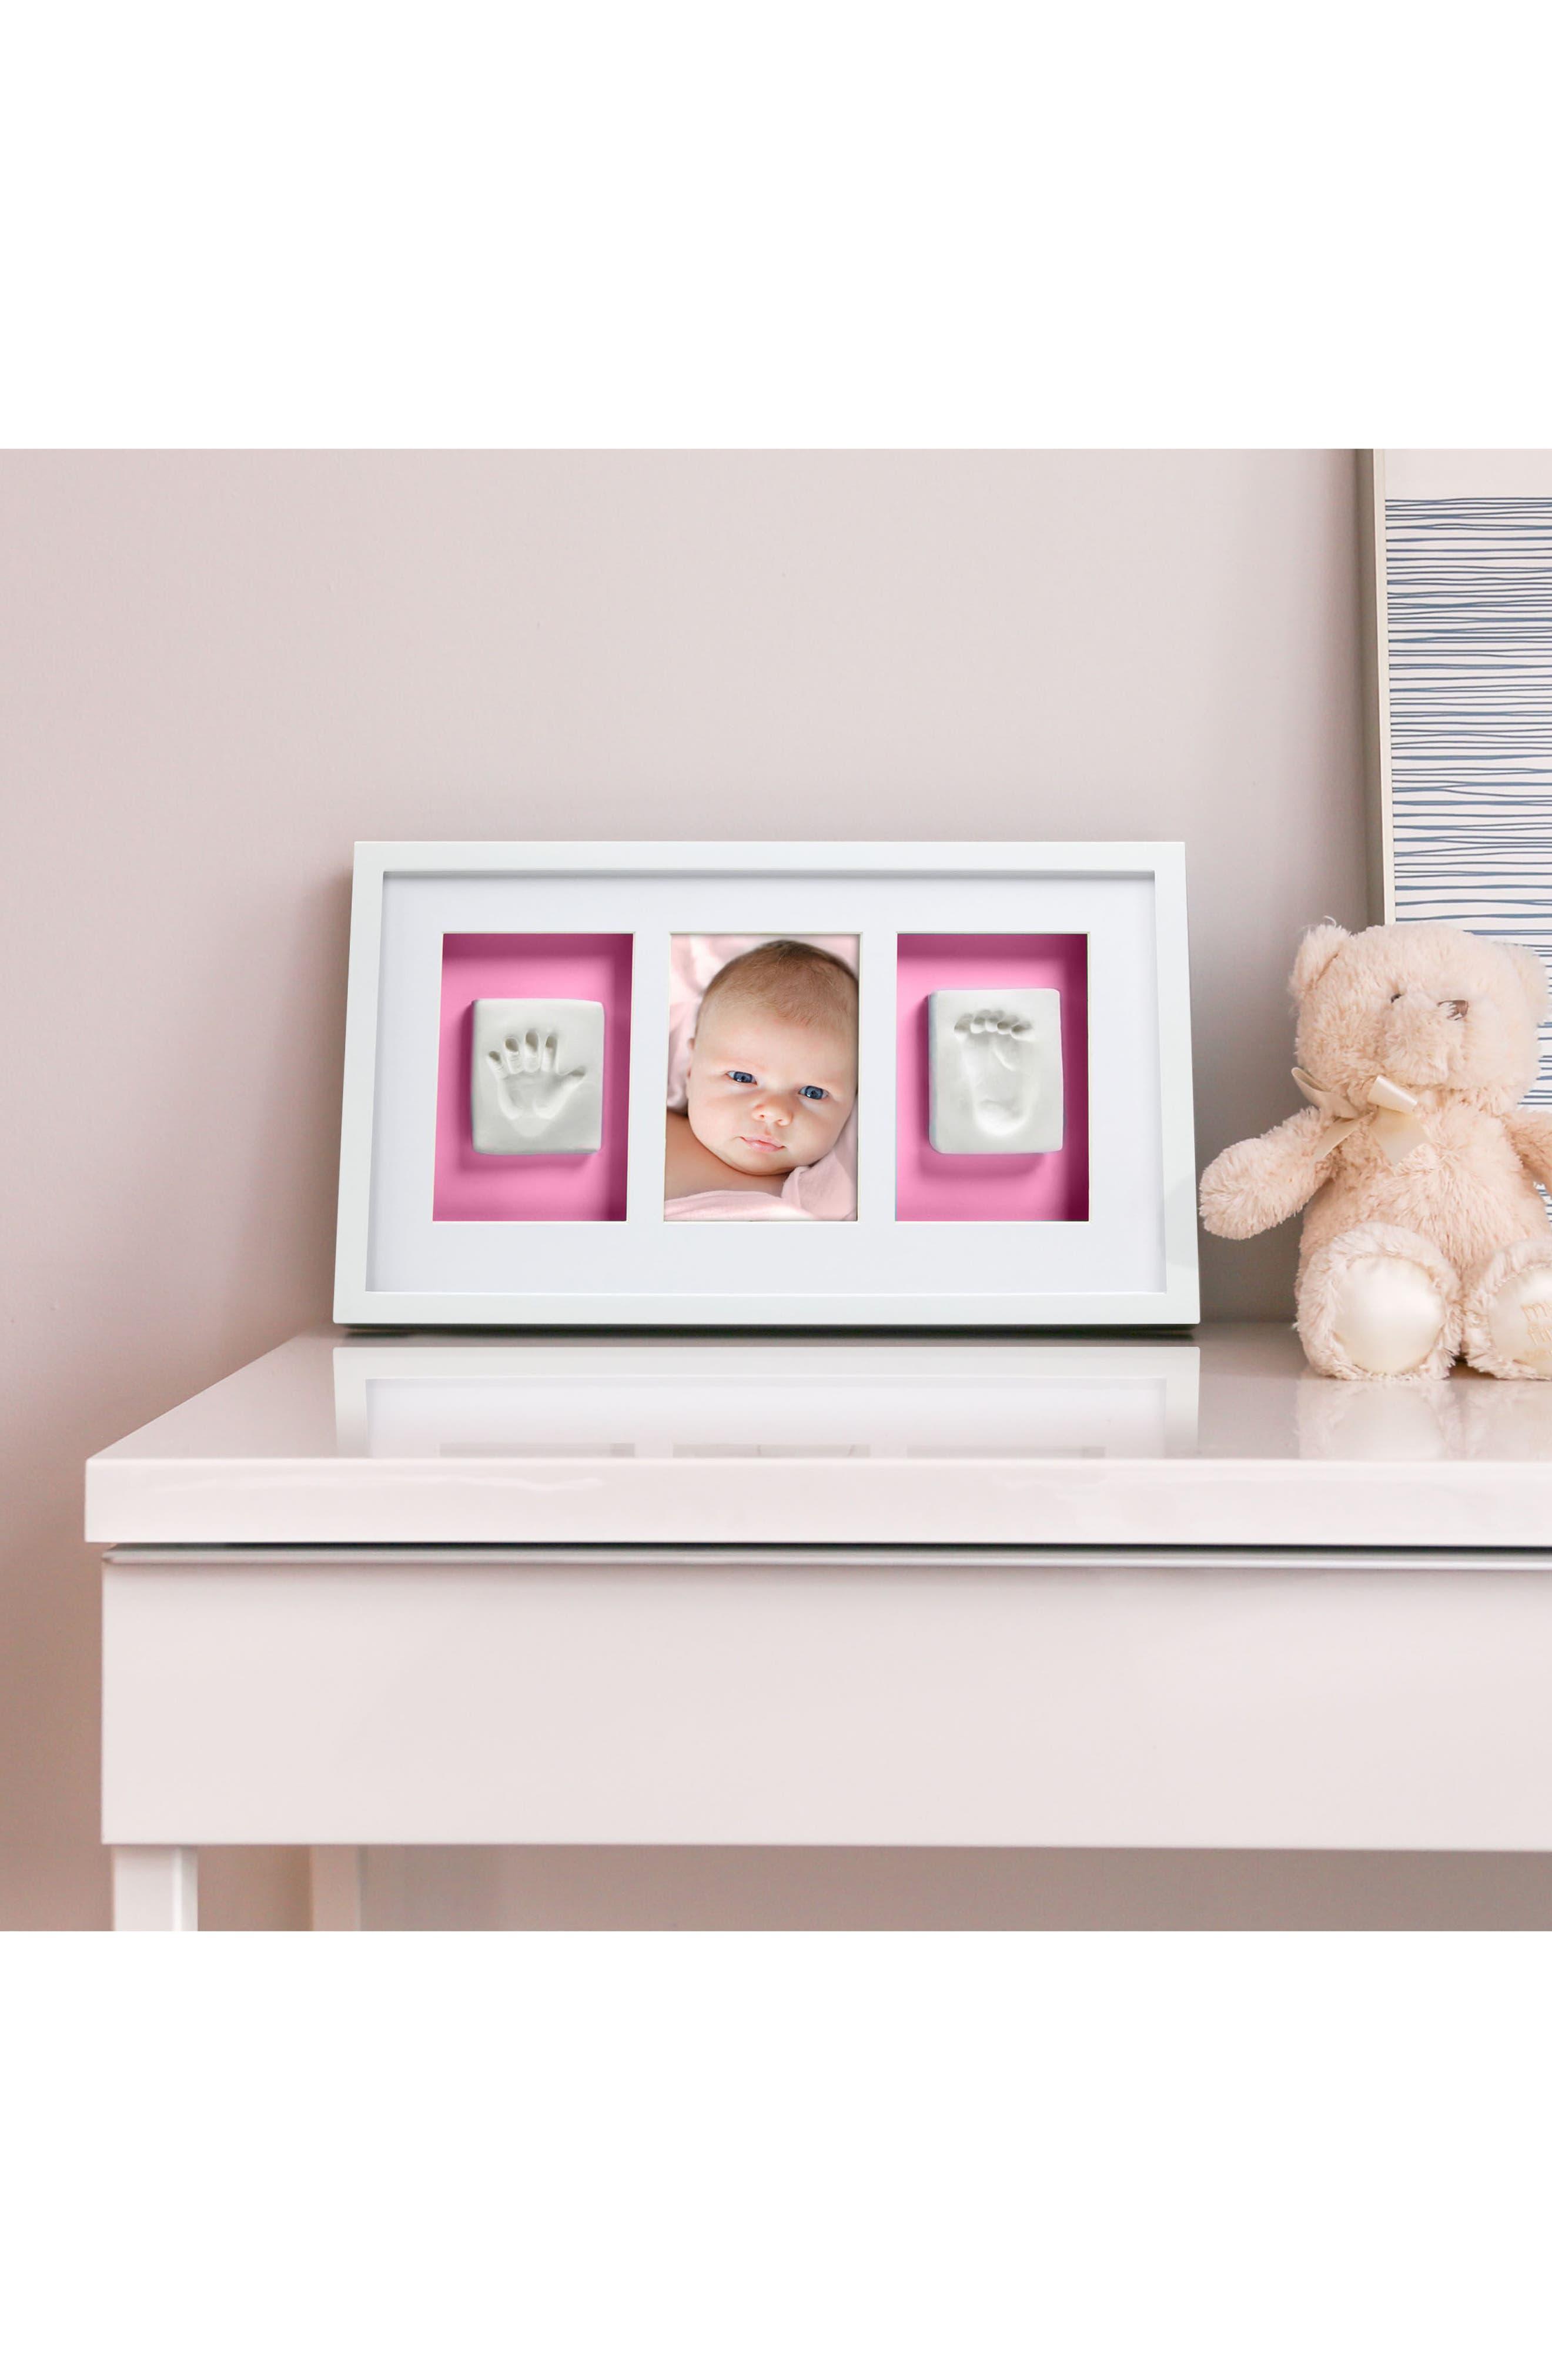 Babyprints Deluxe Wall Frame Kit,                             Alternate thumbnail 4, color,                             White